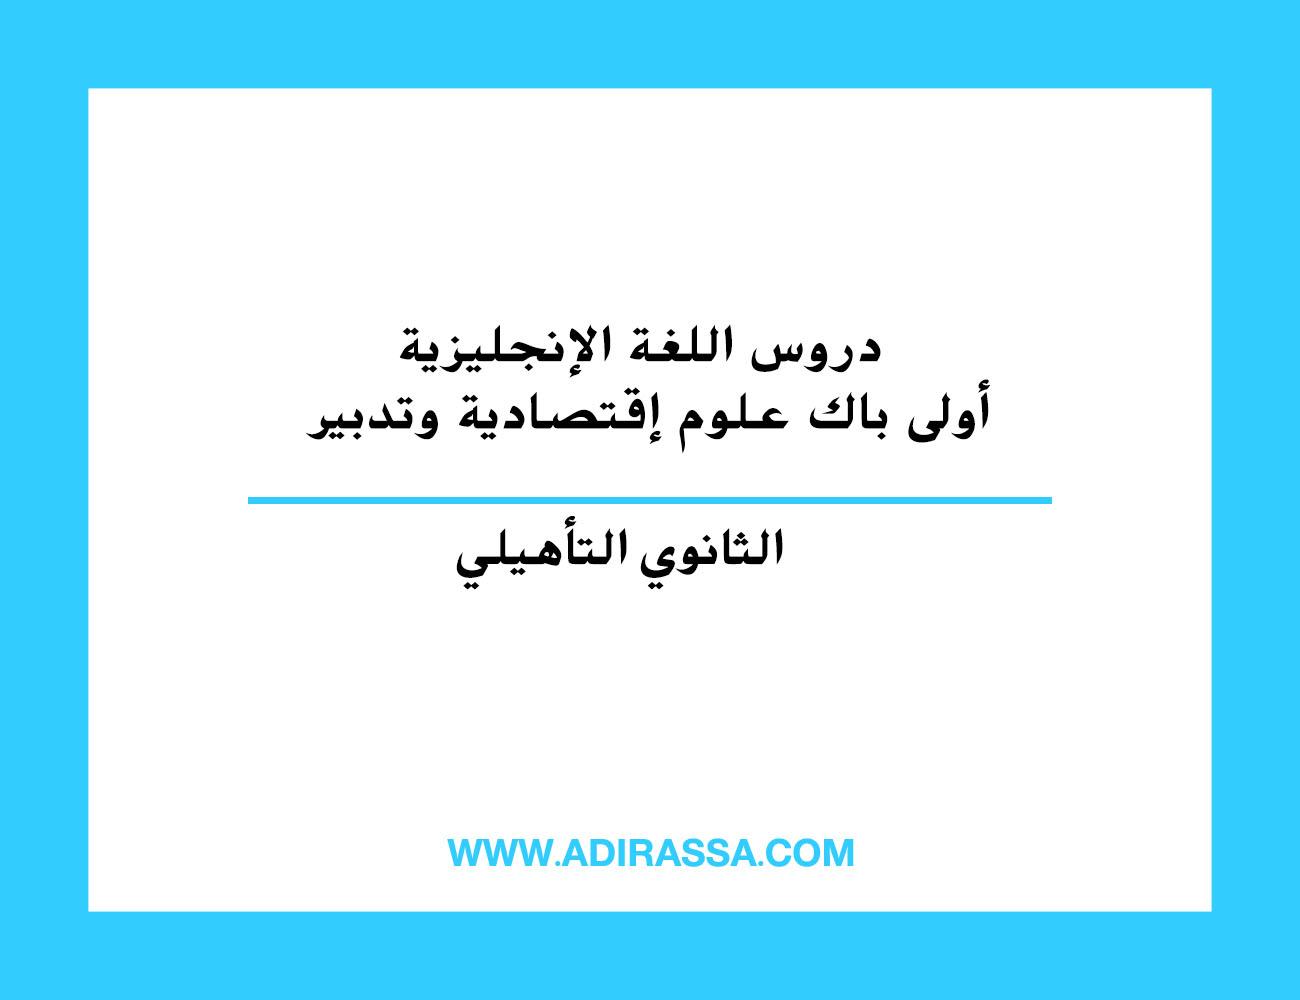 دروس اللغة الإنجليزية أولى باكالوريا علوم إقتصادية وتدبير المقررة في المغرب